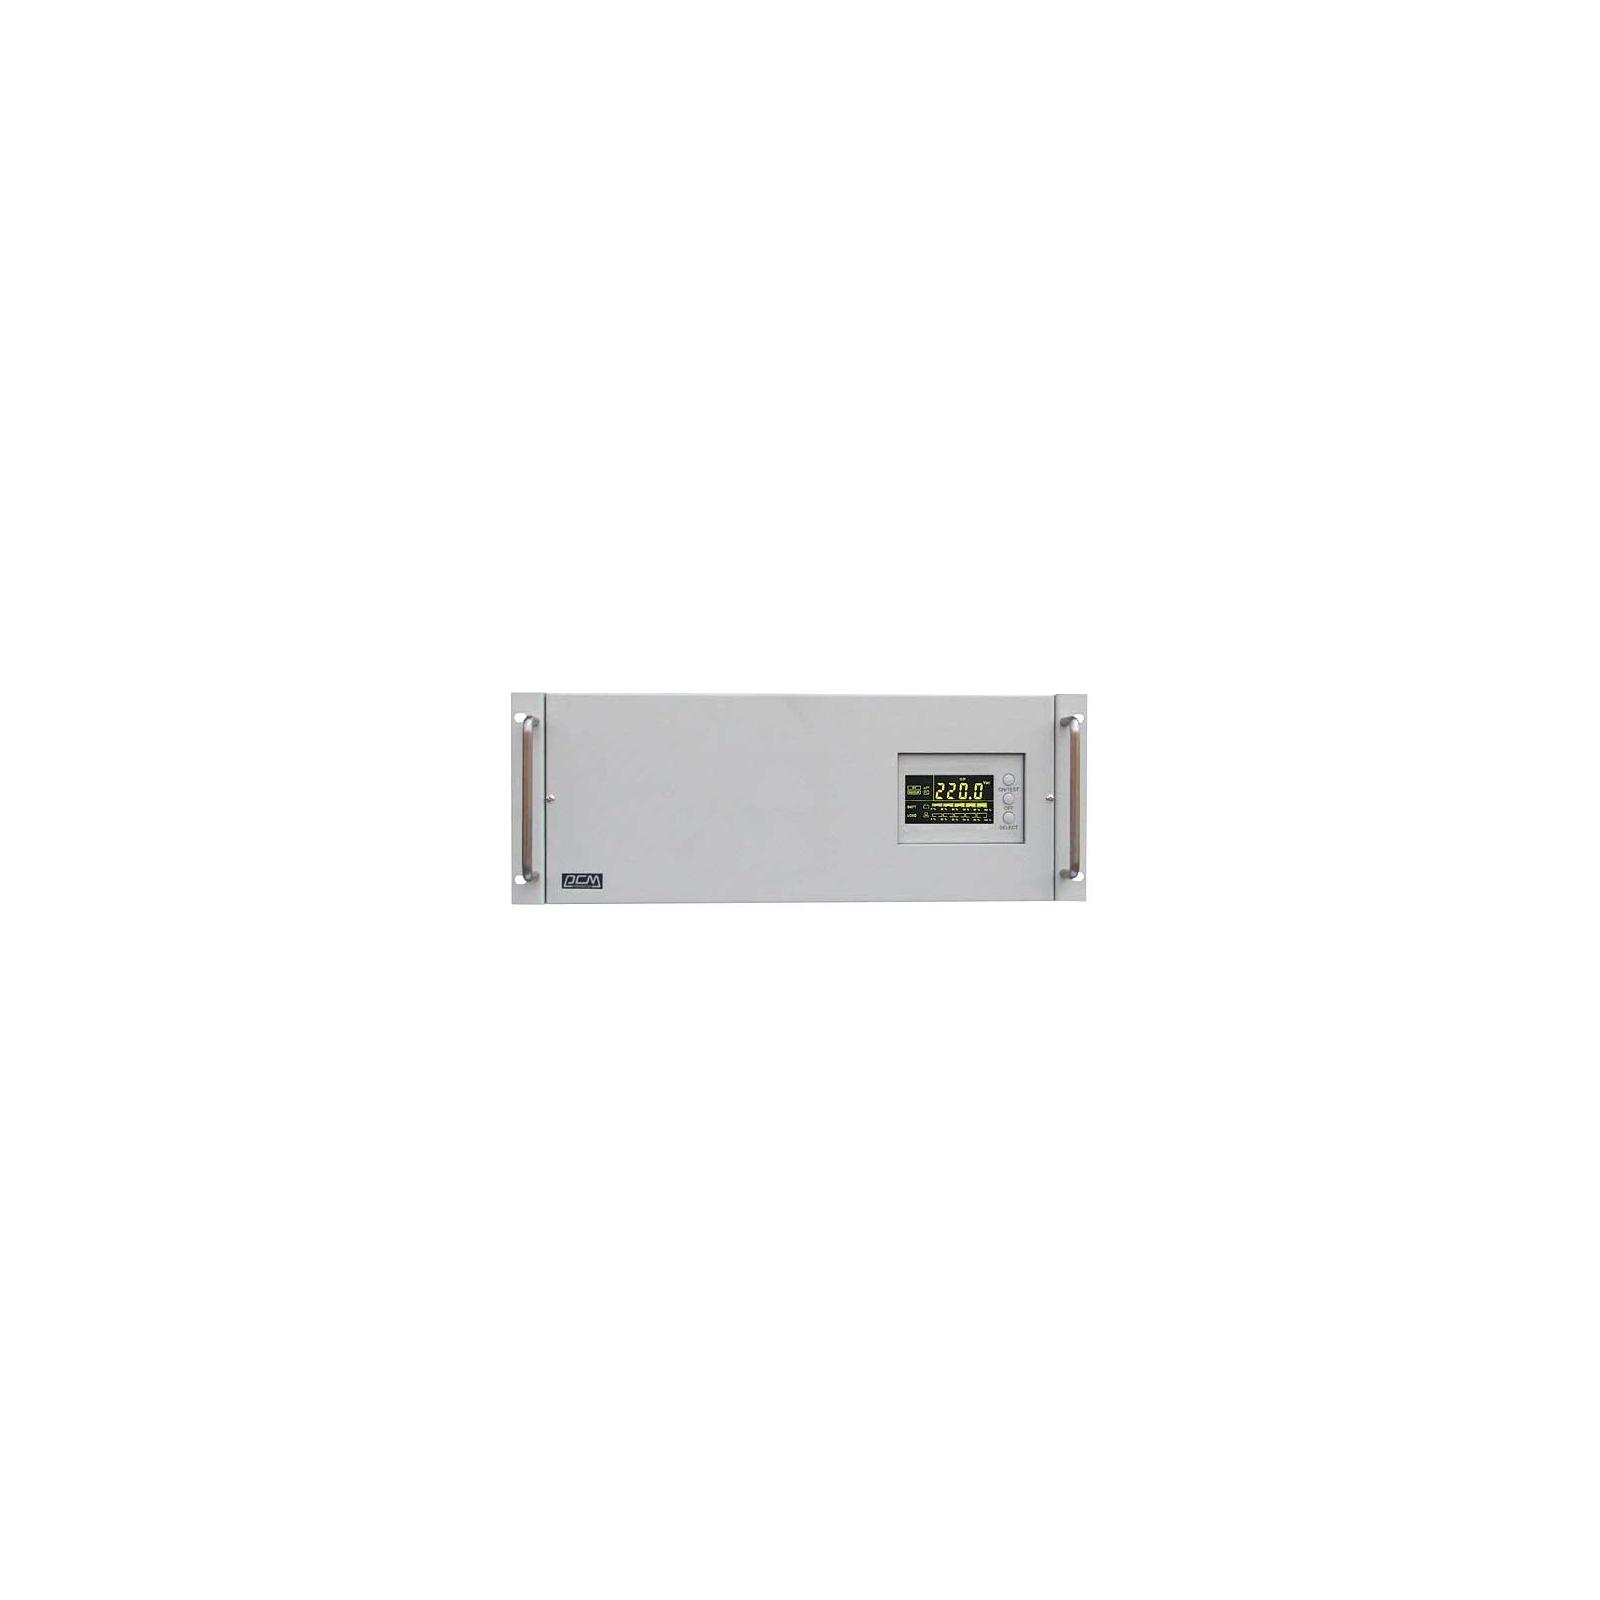 Источник бесперебойного питания Powercom SXL-1500A-LCD RM (RXL-1K5A-6GC-2440)